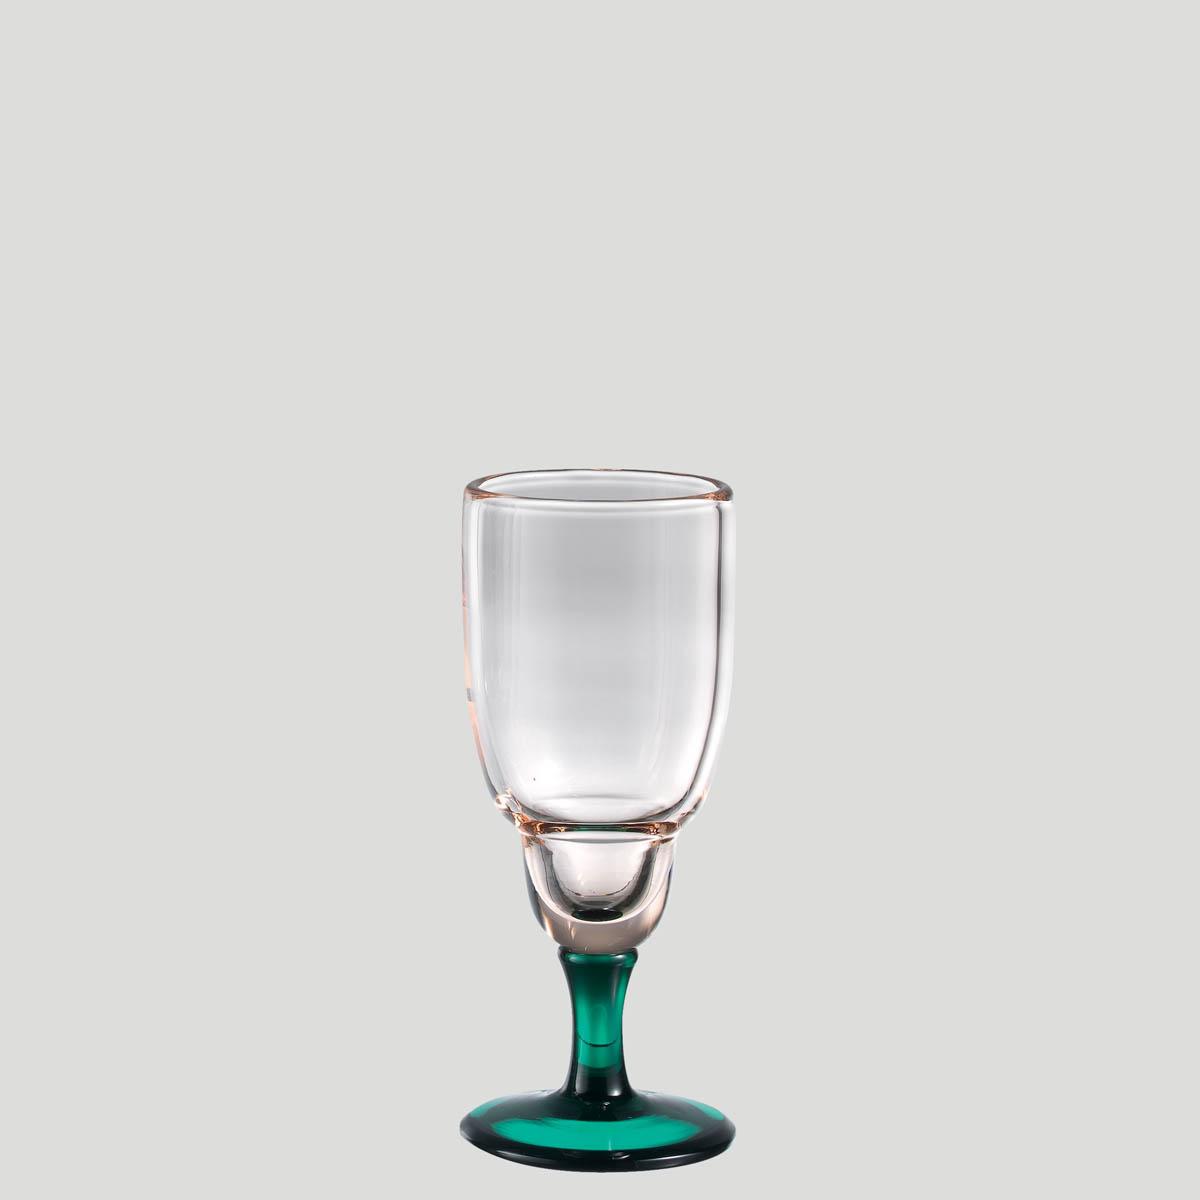 Calice Nuvola piccolo - Coppa per gelato in vetro - Gardagel